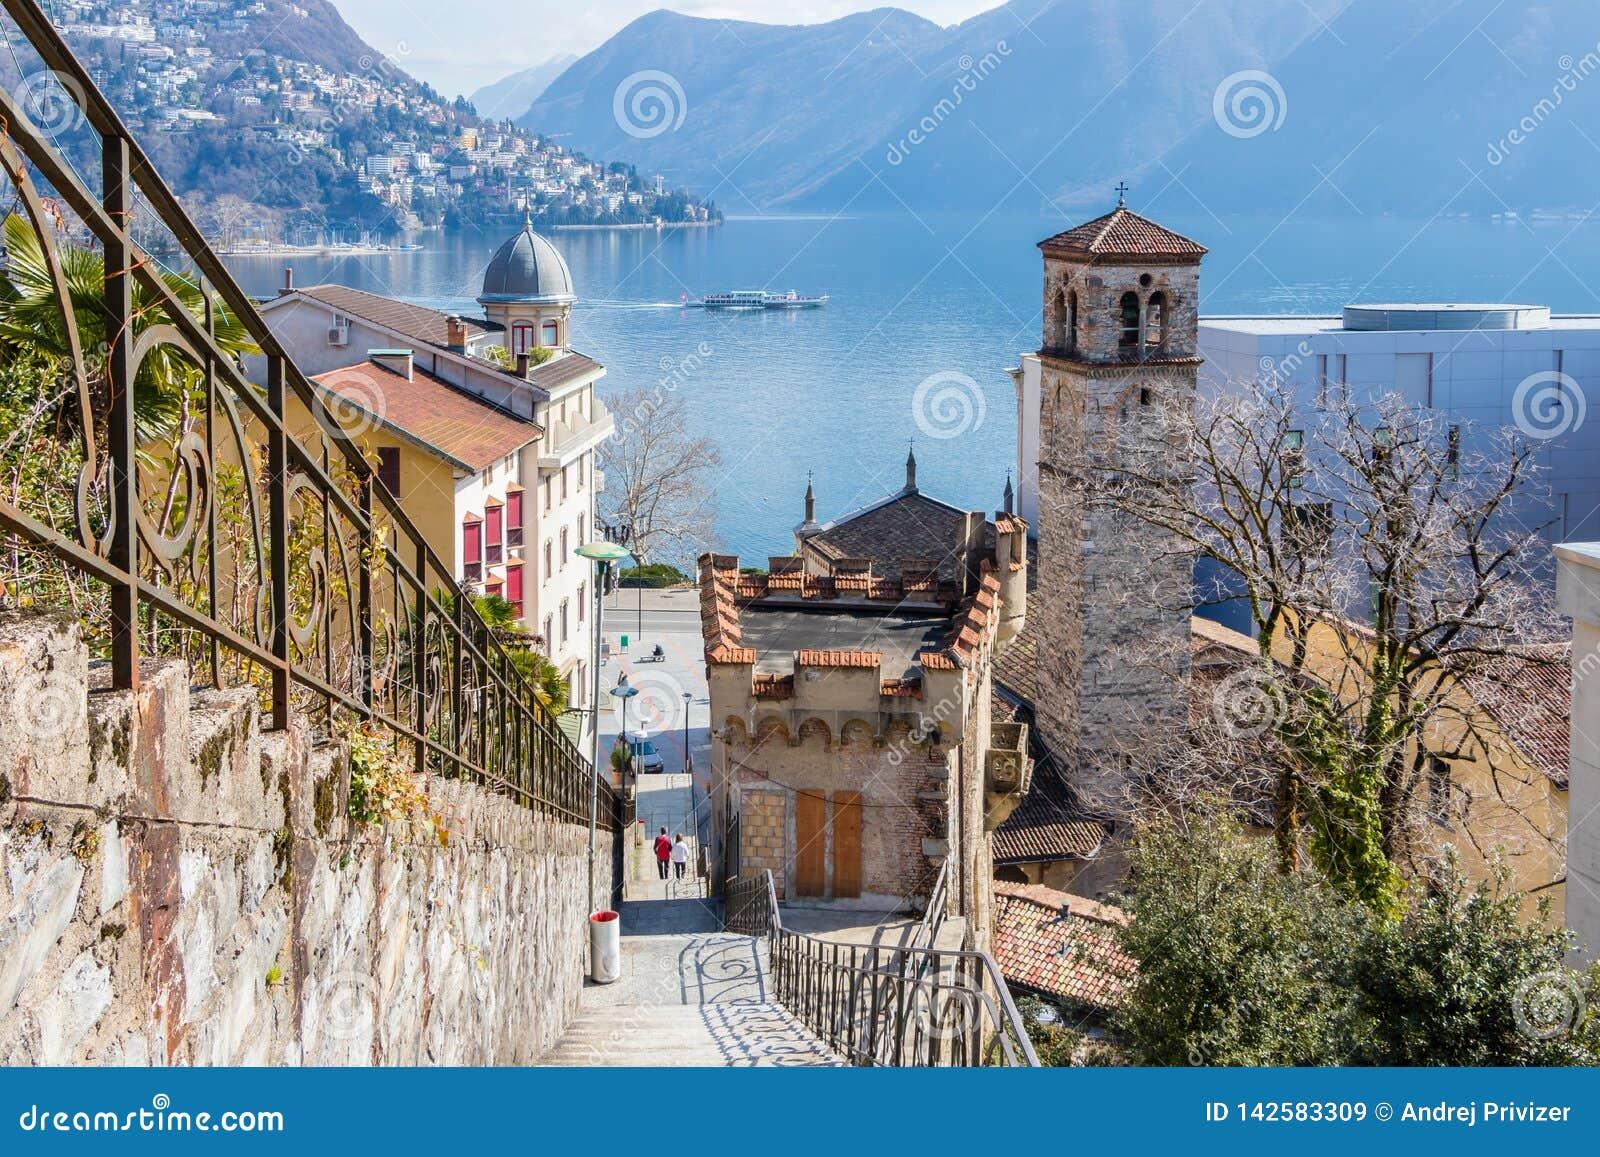 Город Лугано ведущий город Итальянск-говоря швейцарского кантона Тичино, Швейцарии